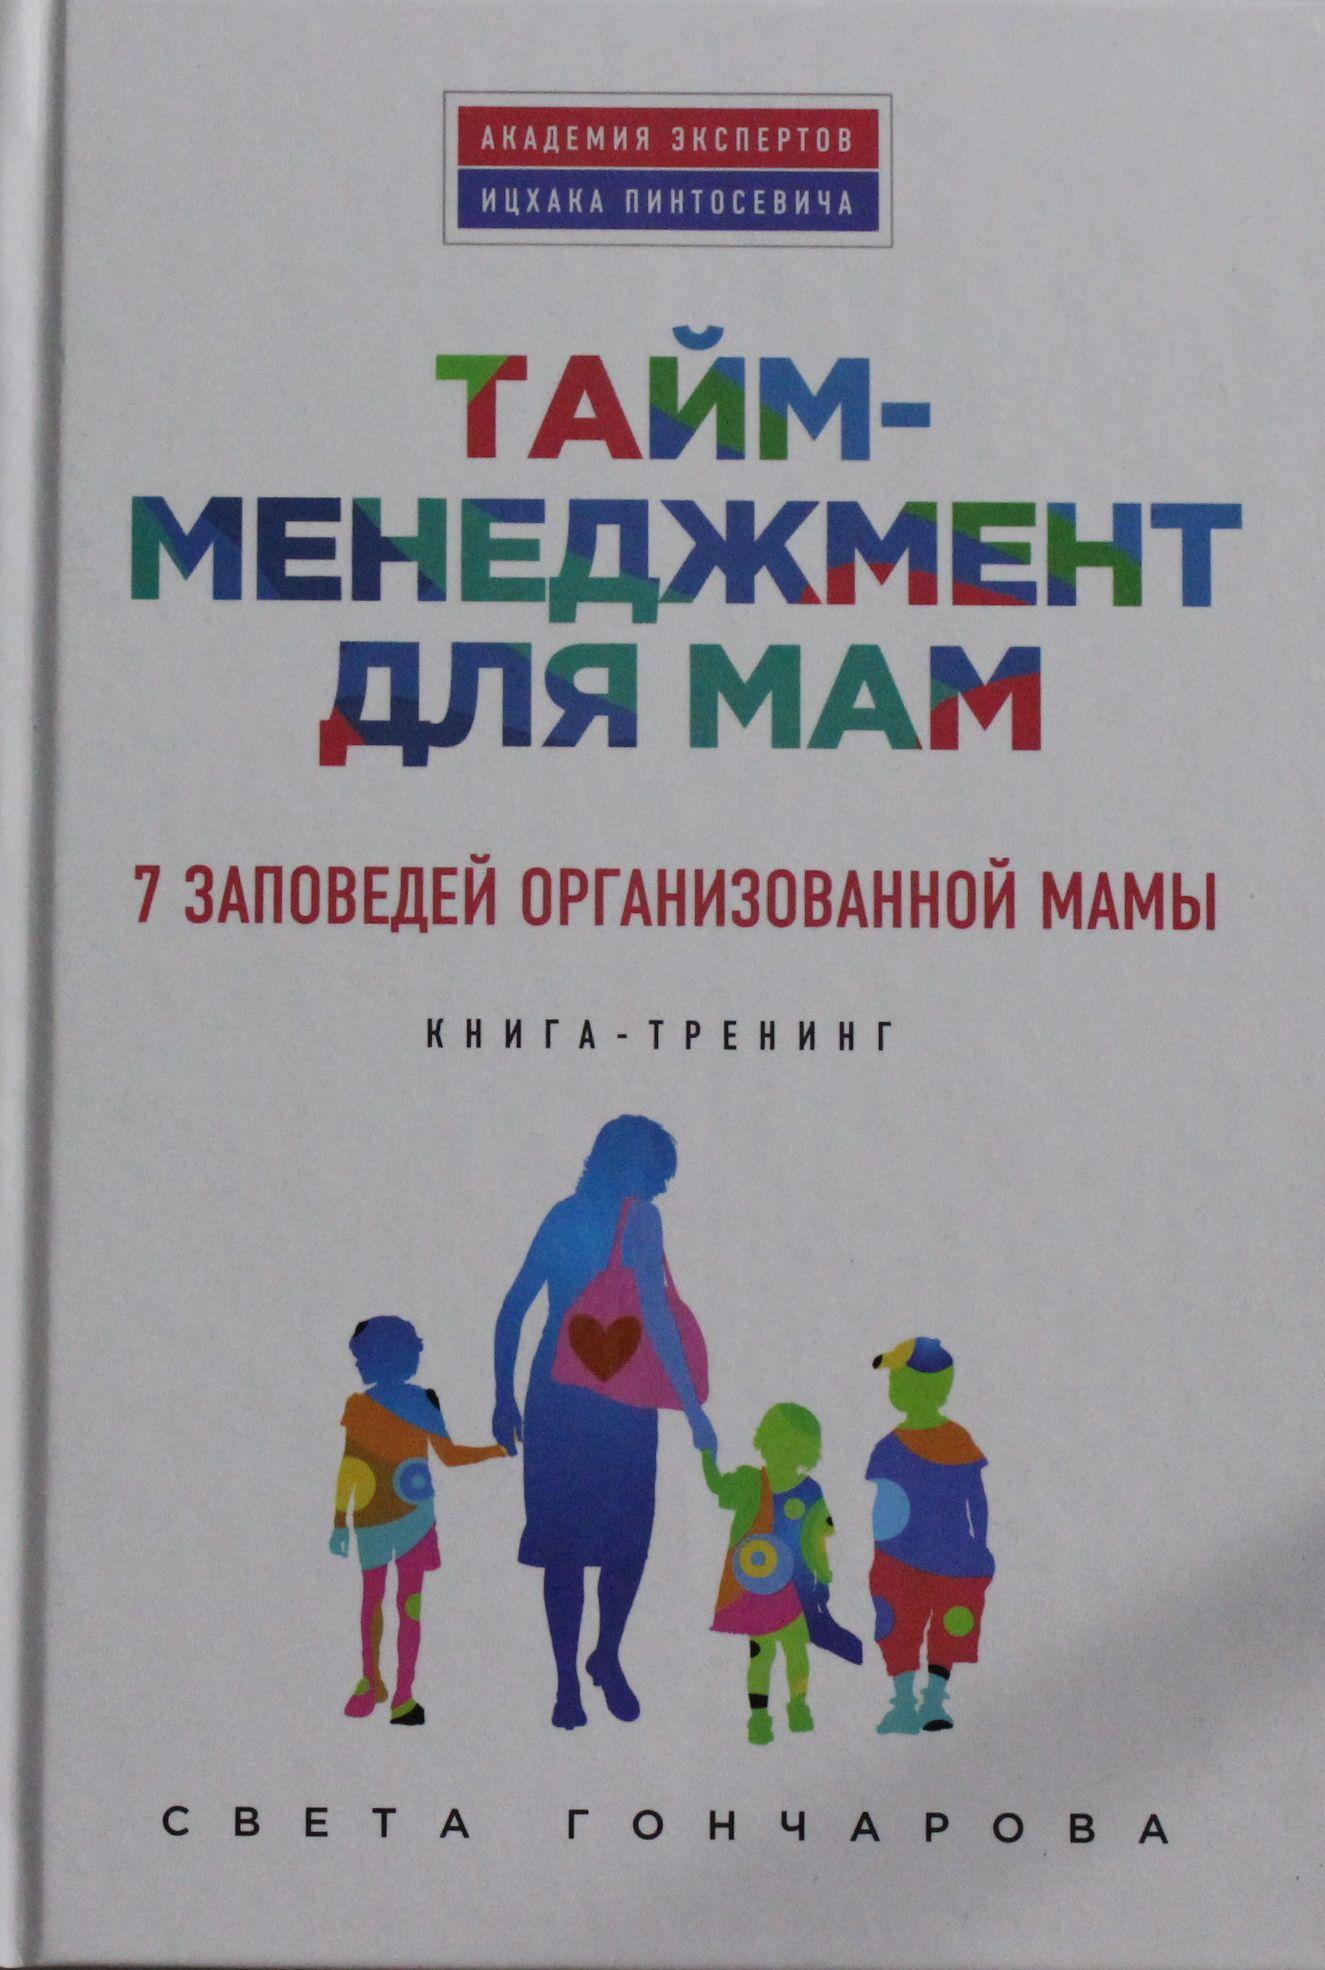 7 заповедей организованной мамы: методика тайм-менеджмента для мам